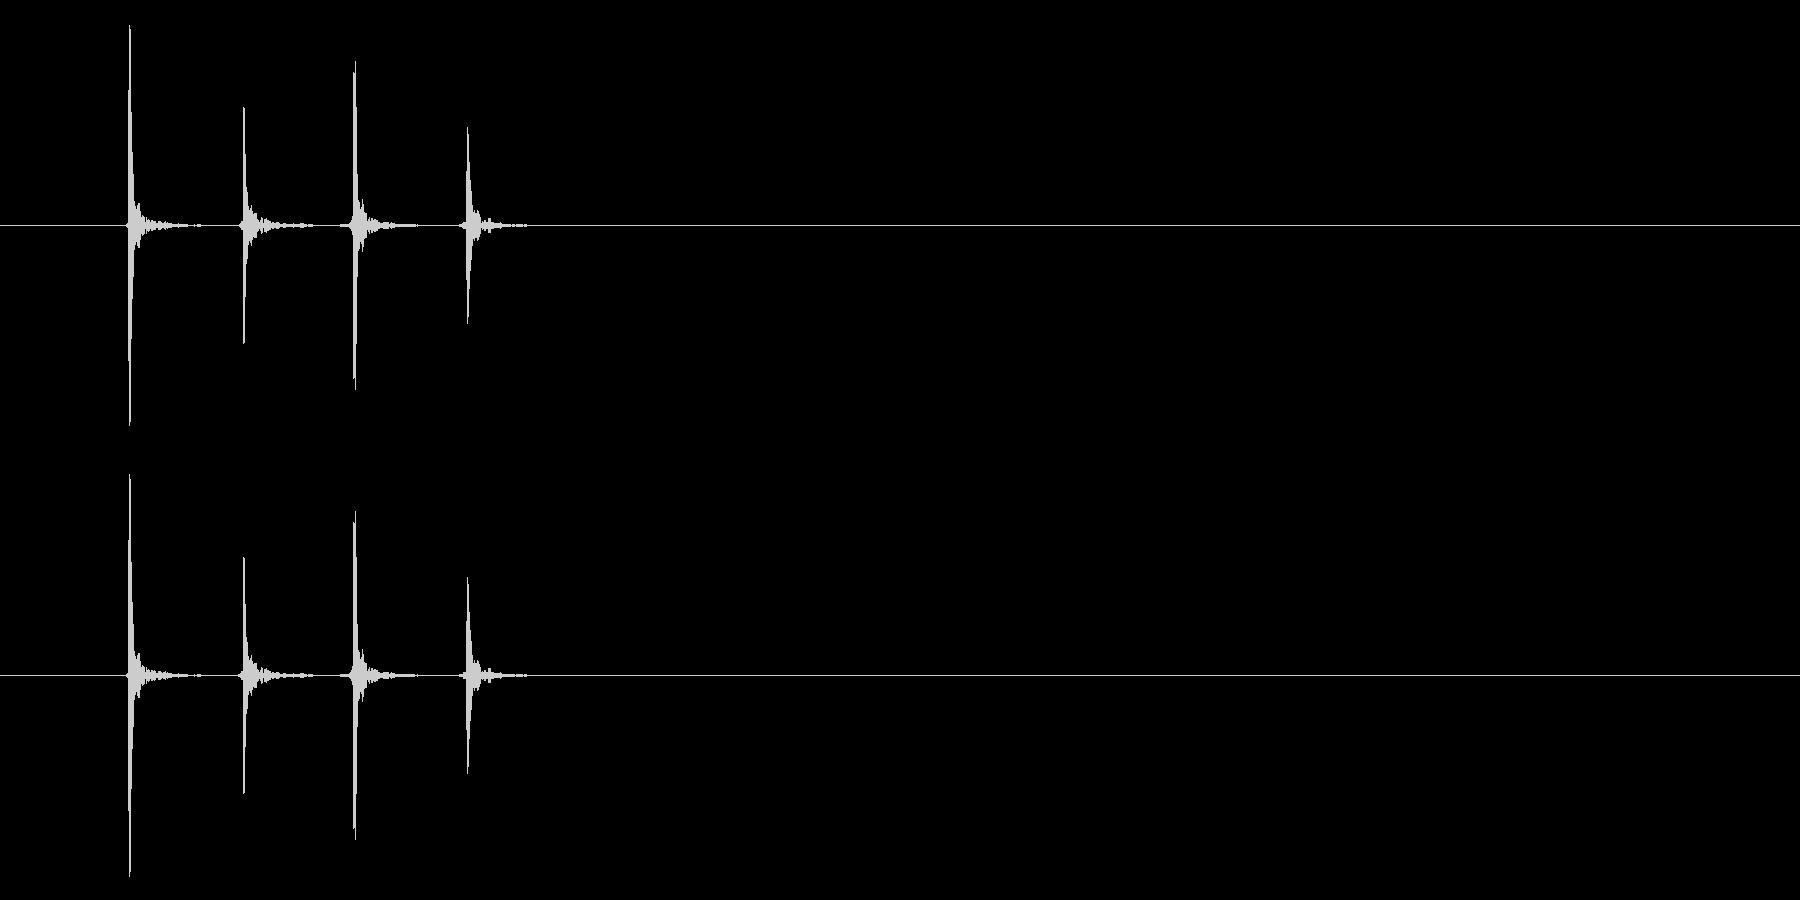 PC マウス02-03(左 ダブル)の未再生の波形